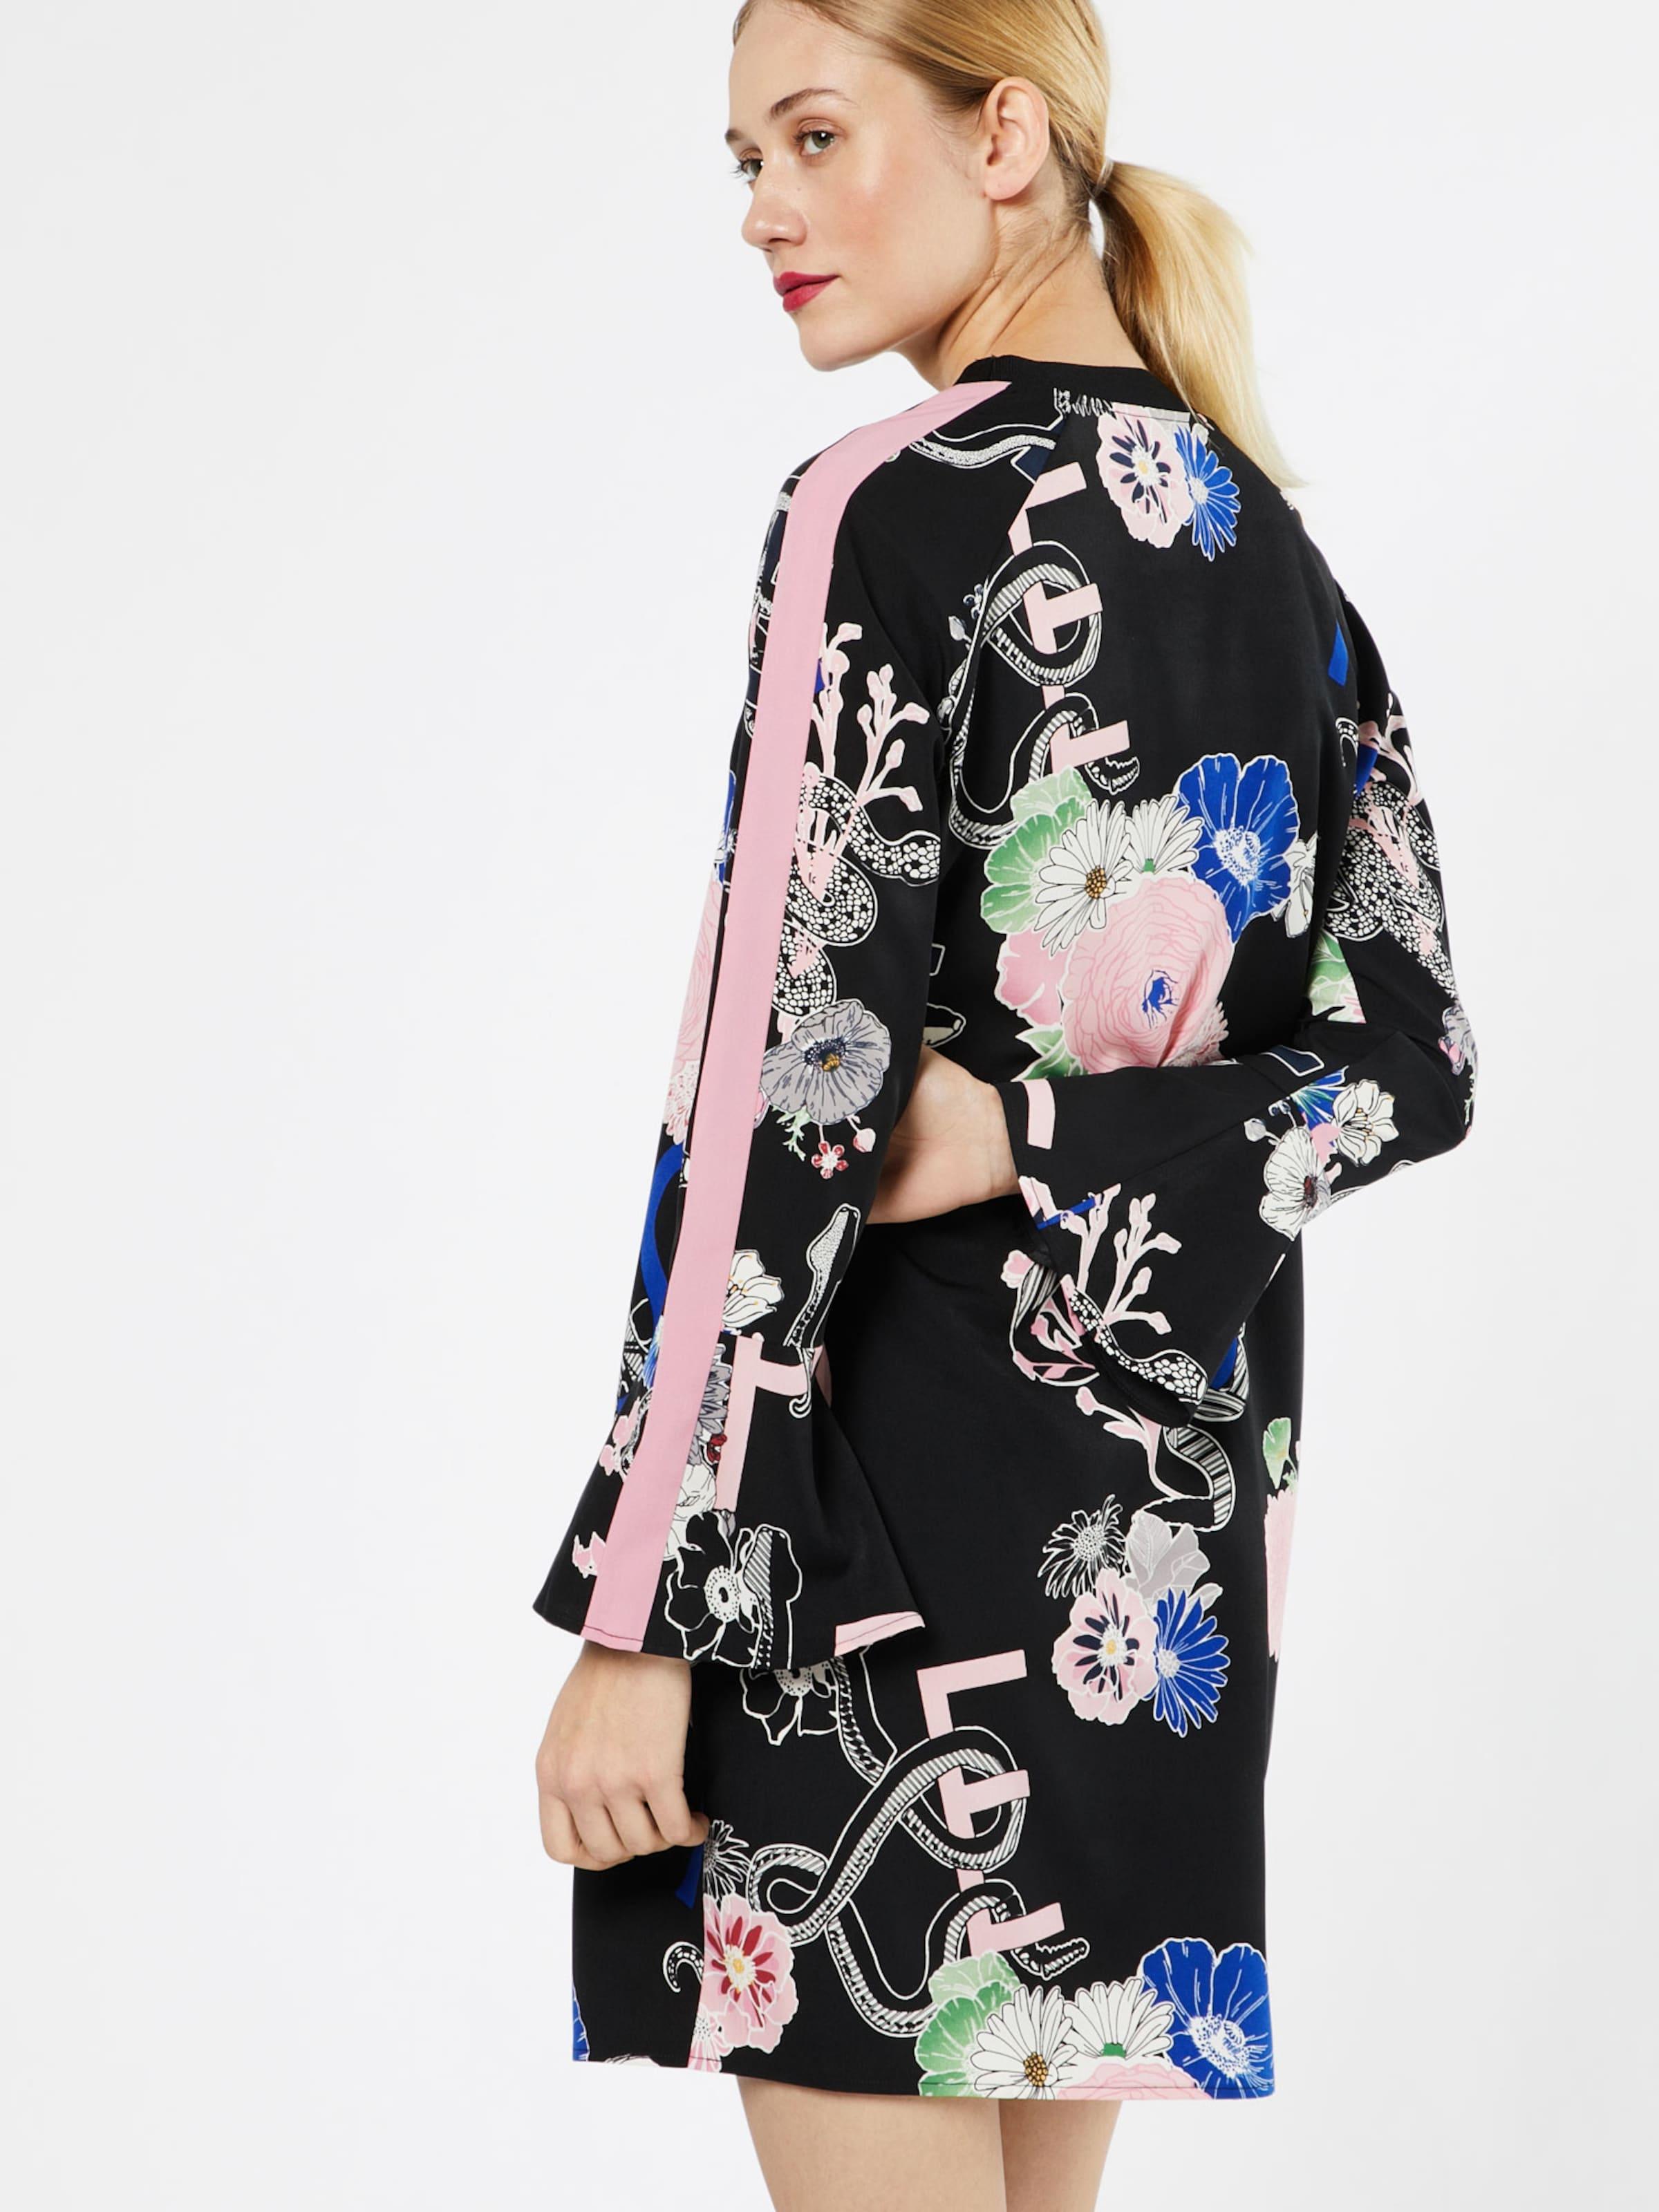 Sast Zum Verkauf eksept Kleid 'Lint' Niedrige Versandgebühr Günstiger Preis Countdown-Paket Günstig Online KZWGgvMXv